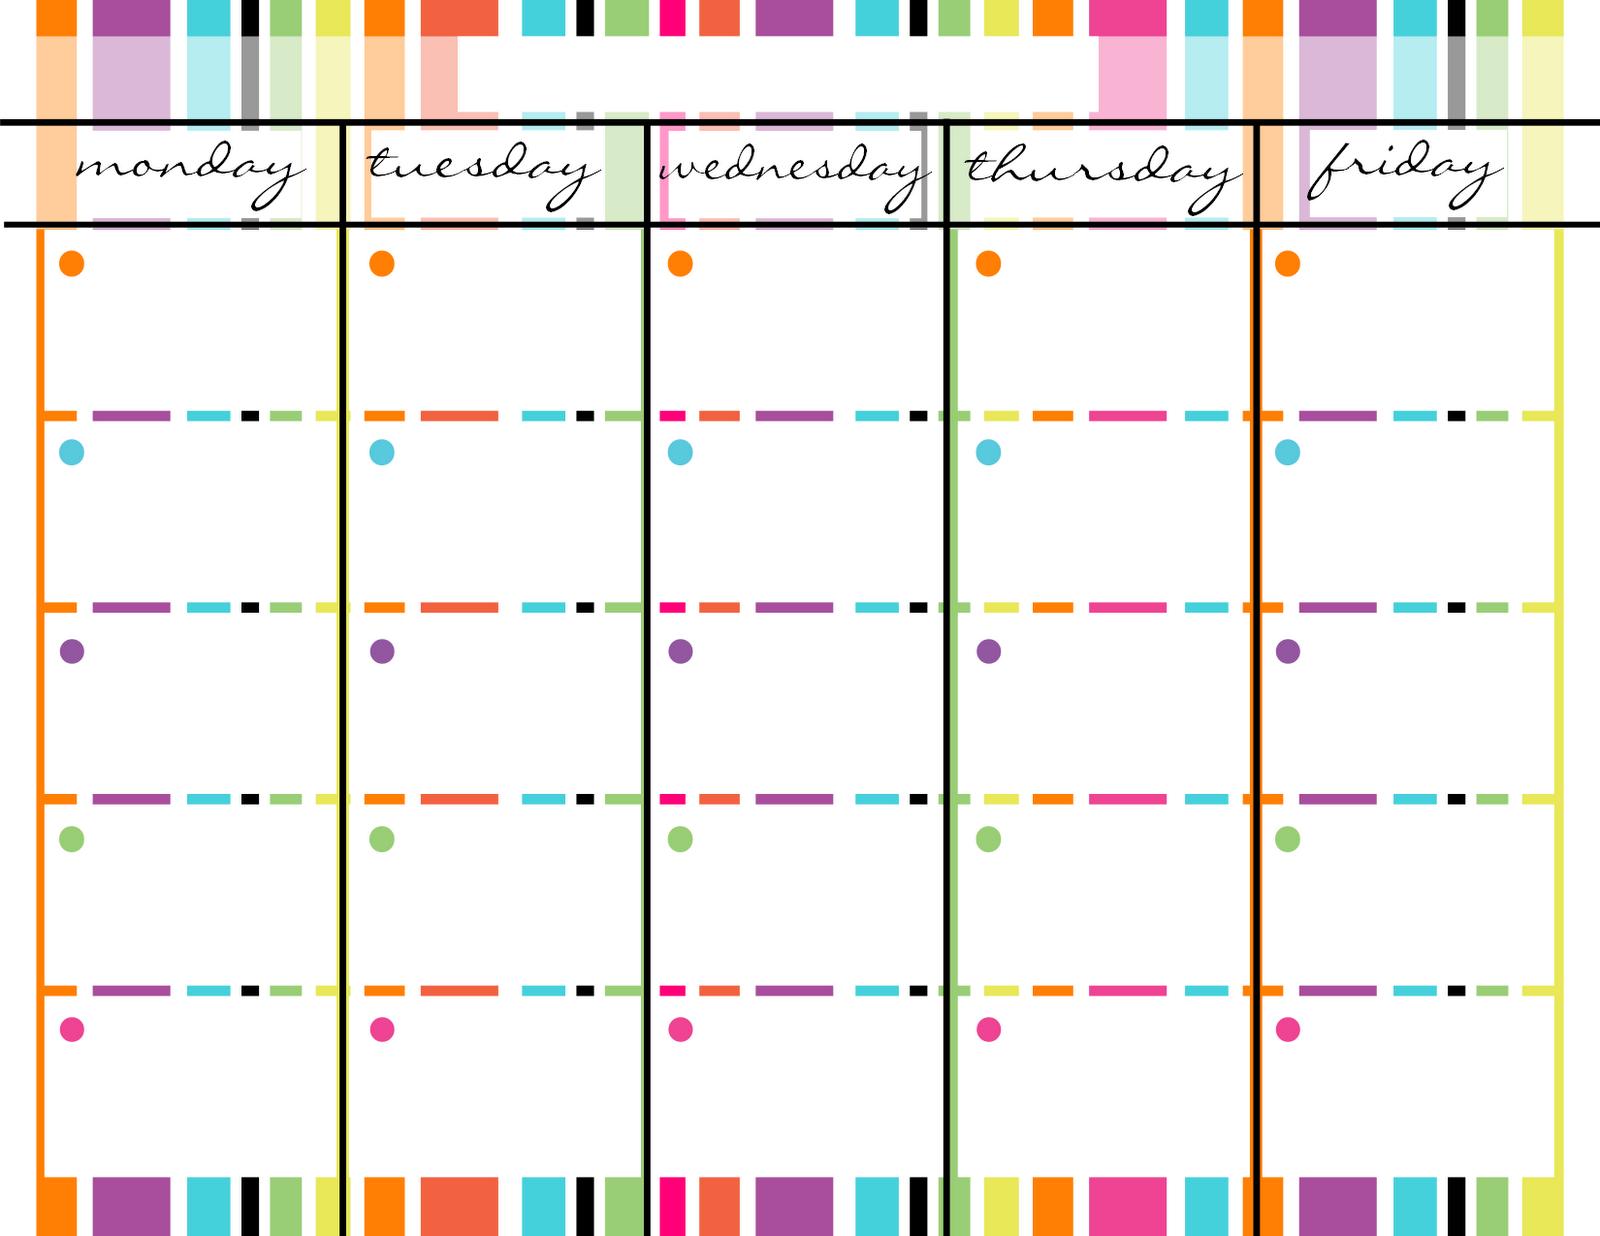 Blank Monday Through Friday Printable Calendar | Calendar Monday - Friday Schedule Blank Template